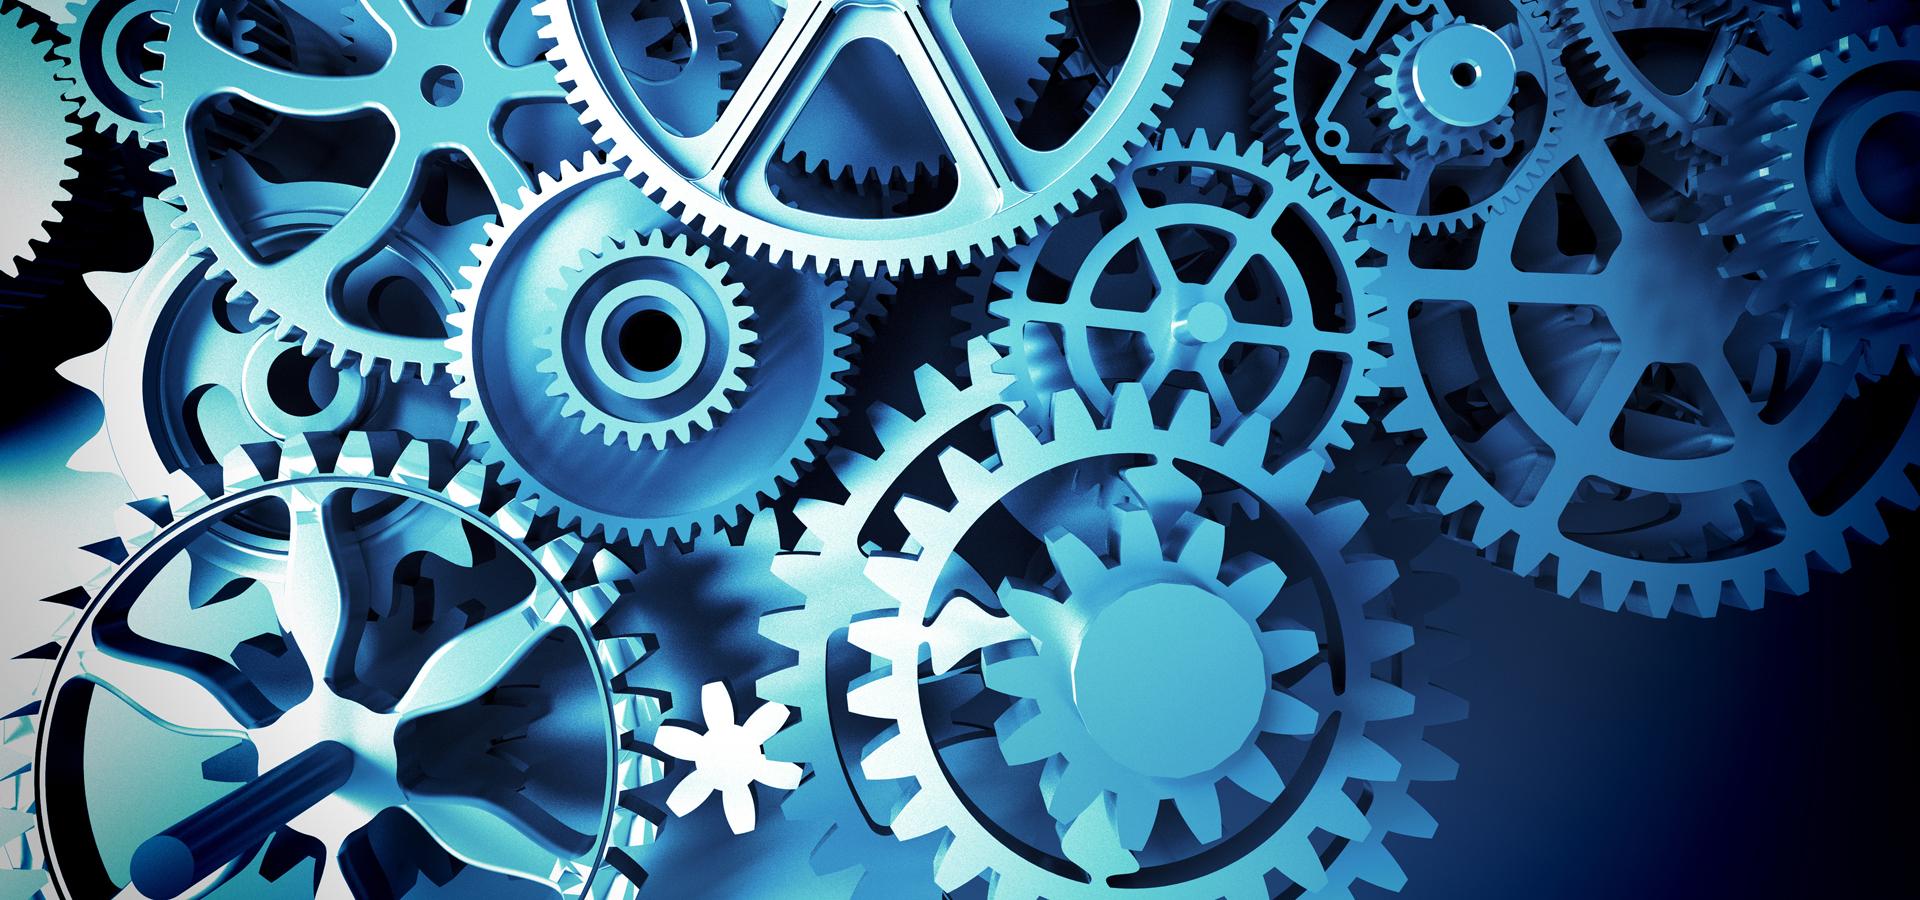 Fondo De Fiesta Diseño Decoracion Confeti Arte Patrón: Gear Arte Diseño Patrón Antecedentes Graphic Decoracion